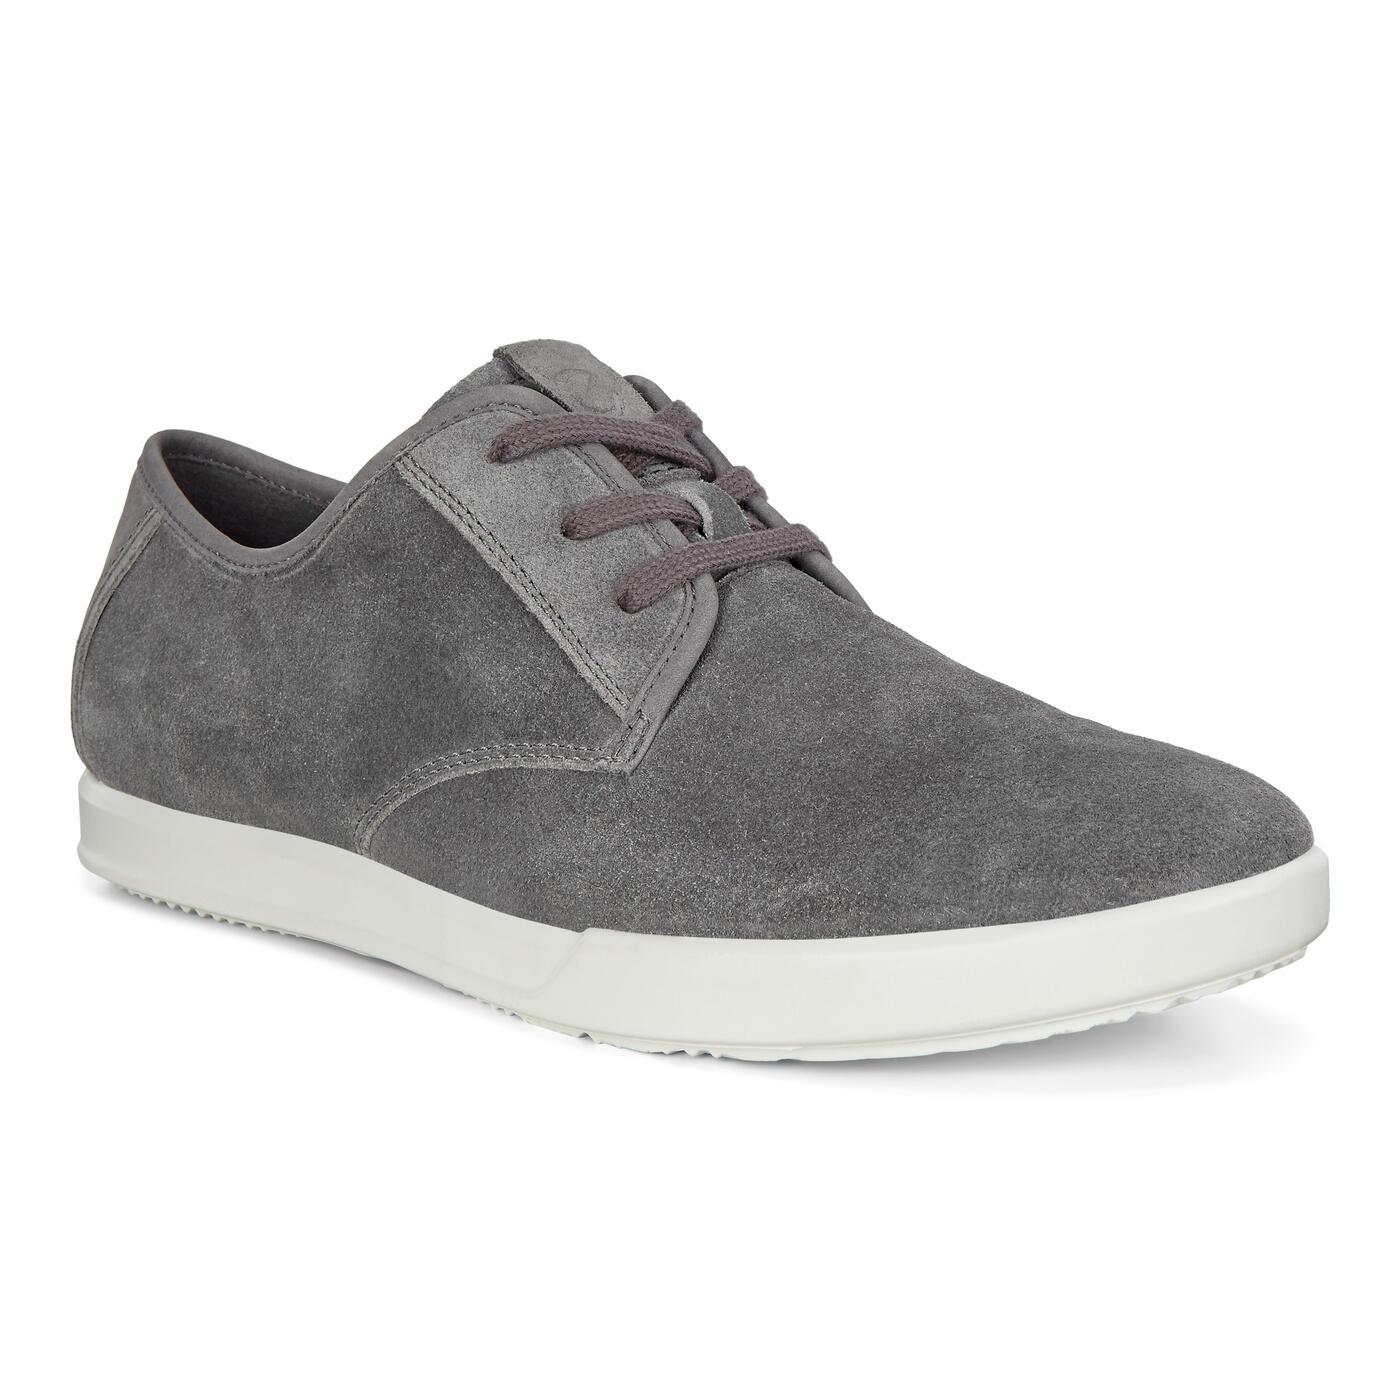 ECCO Collin 2.0 Men's Lace-Up Shoes